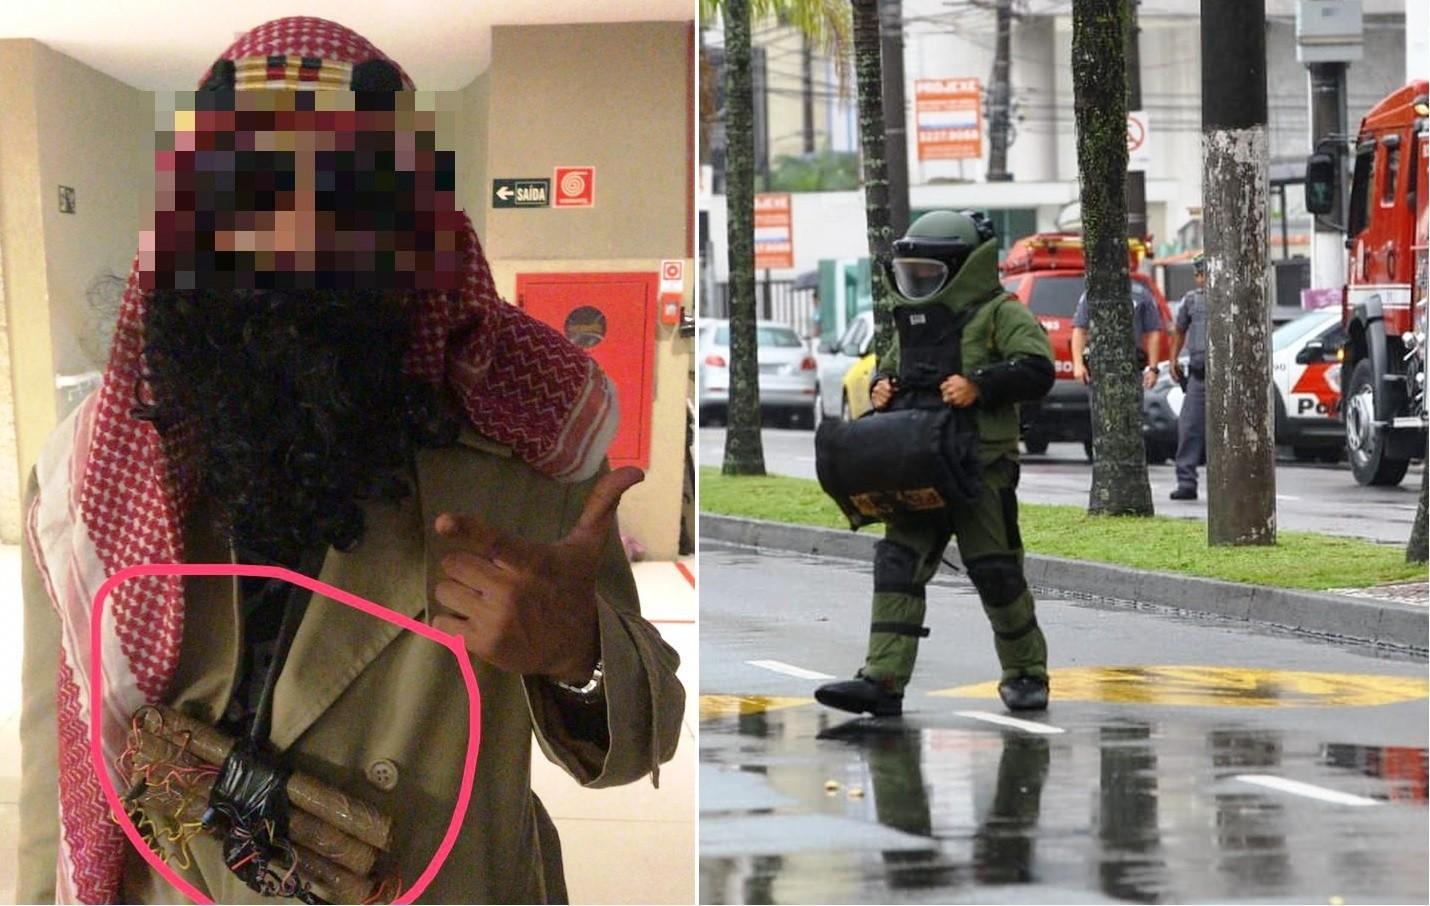 Falso 'terrorista' que mobilizou esquadrão antibombas se apresenta à polícia - Noticias